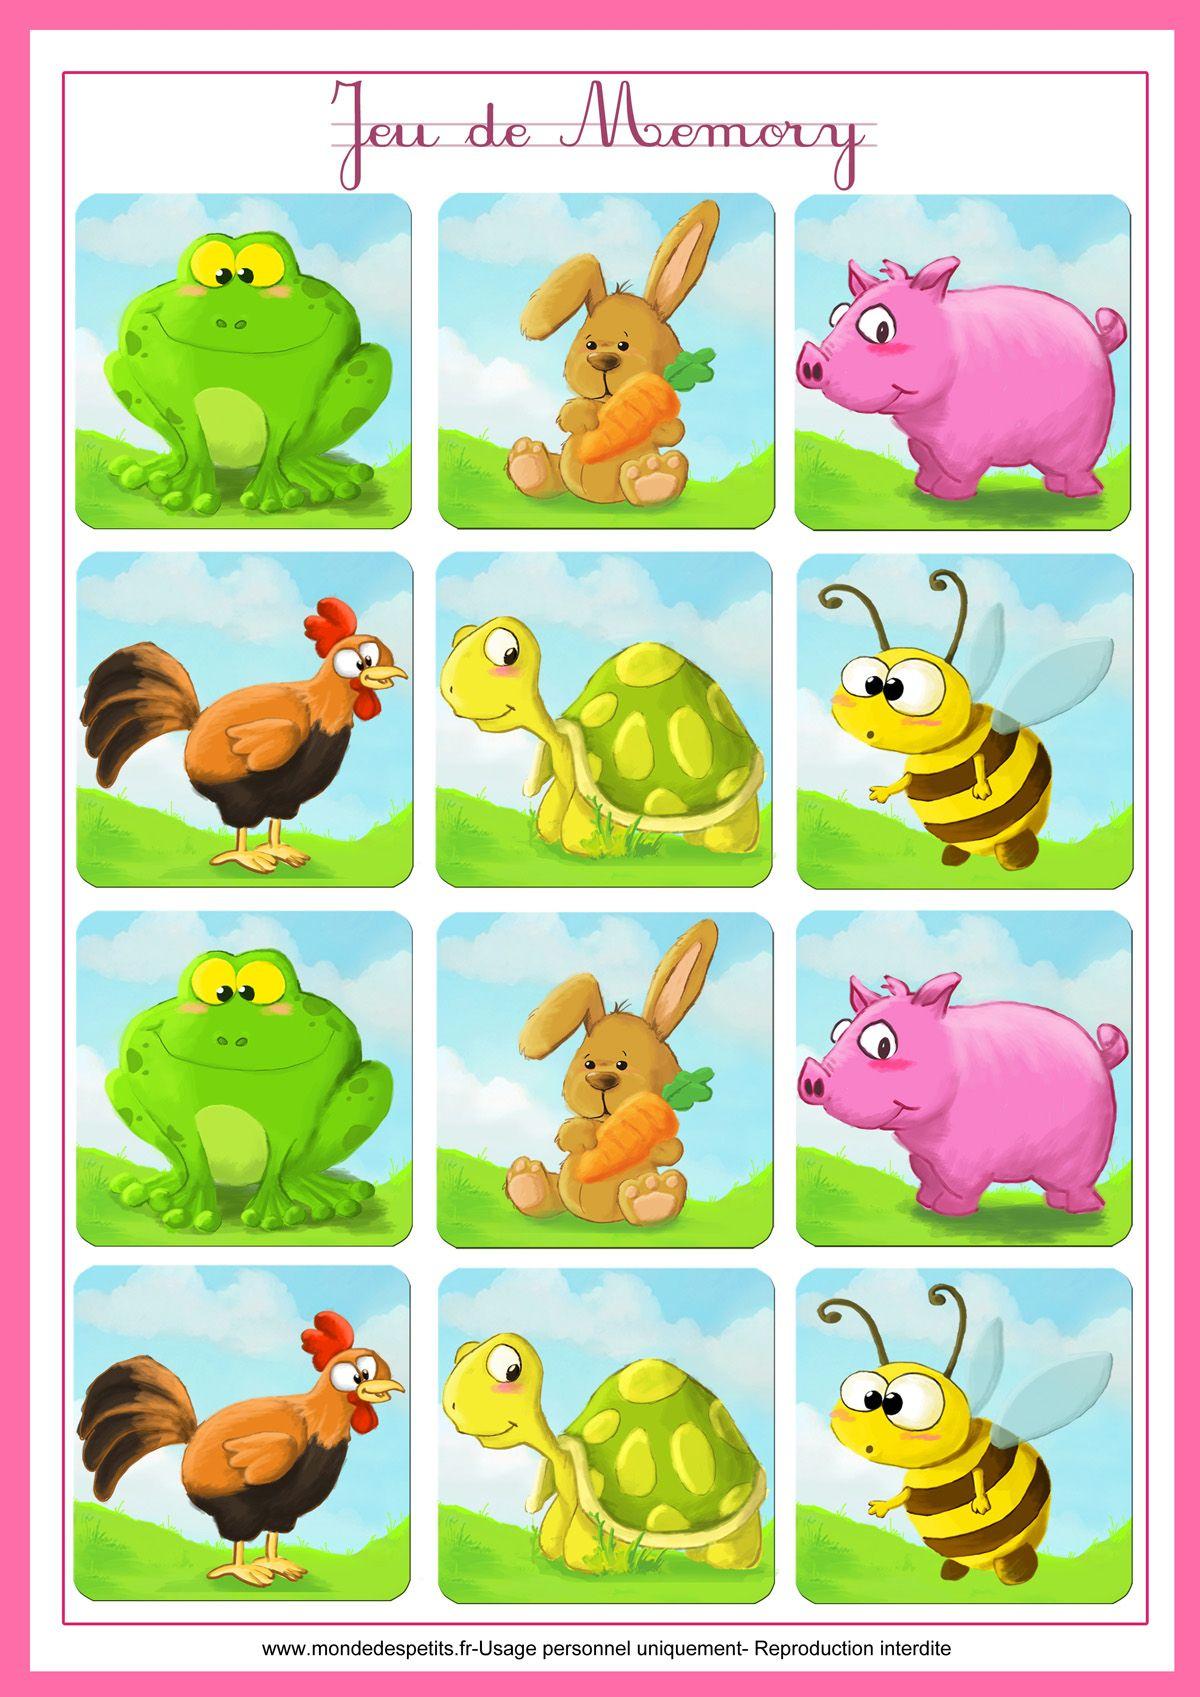 Jeu-Memory-Animaux-Imprimer 1 200×1 697 Пикс | Jeu De encequiconcerne Jeux D Animaux Pour Fille